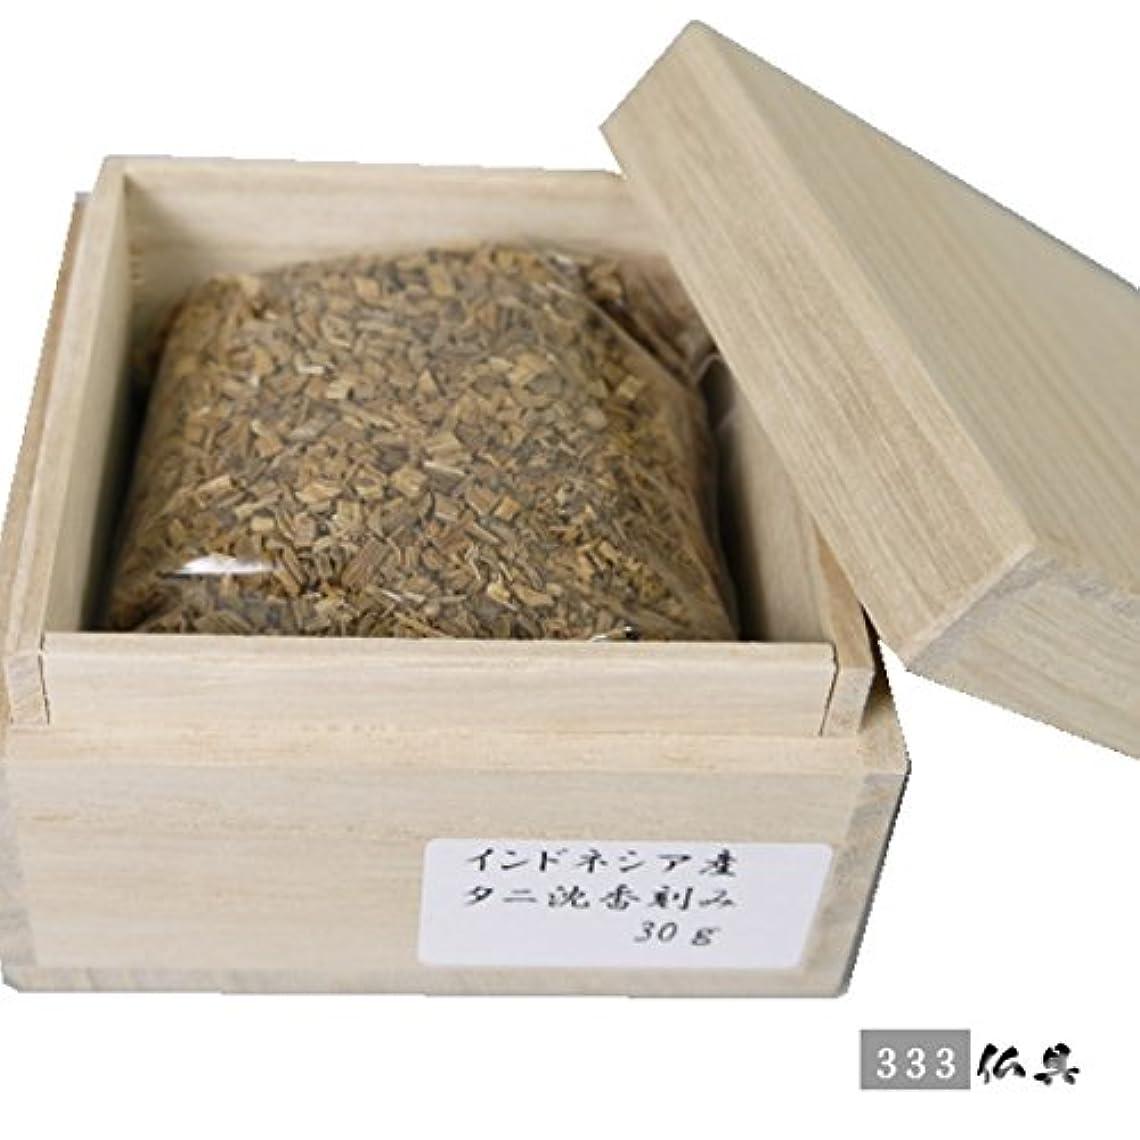 系統的蒸山岳沈香 インドネシア産 タニ沈香 刻み 30g